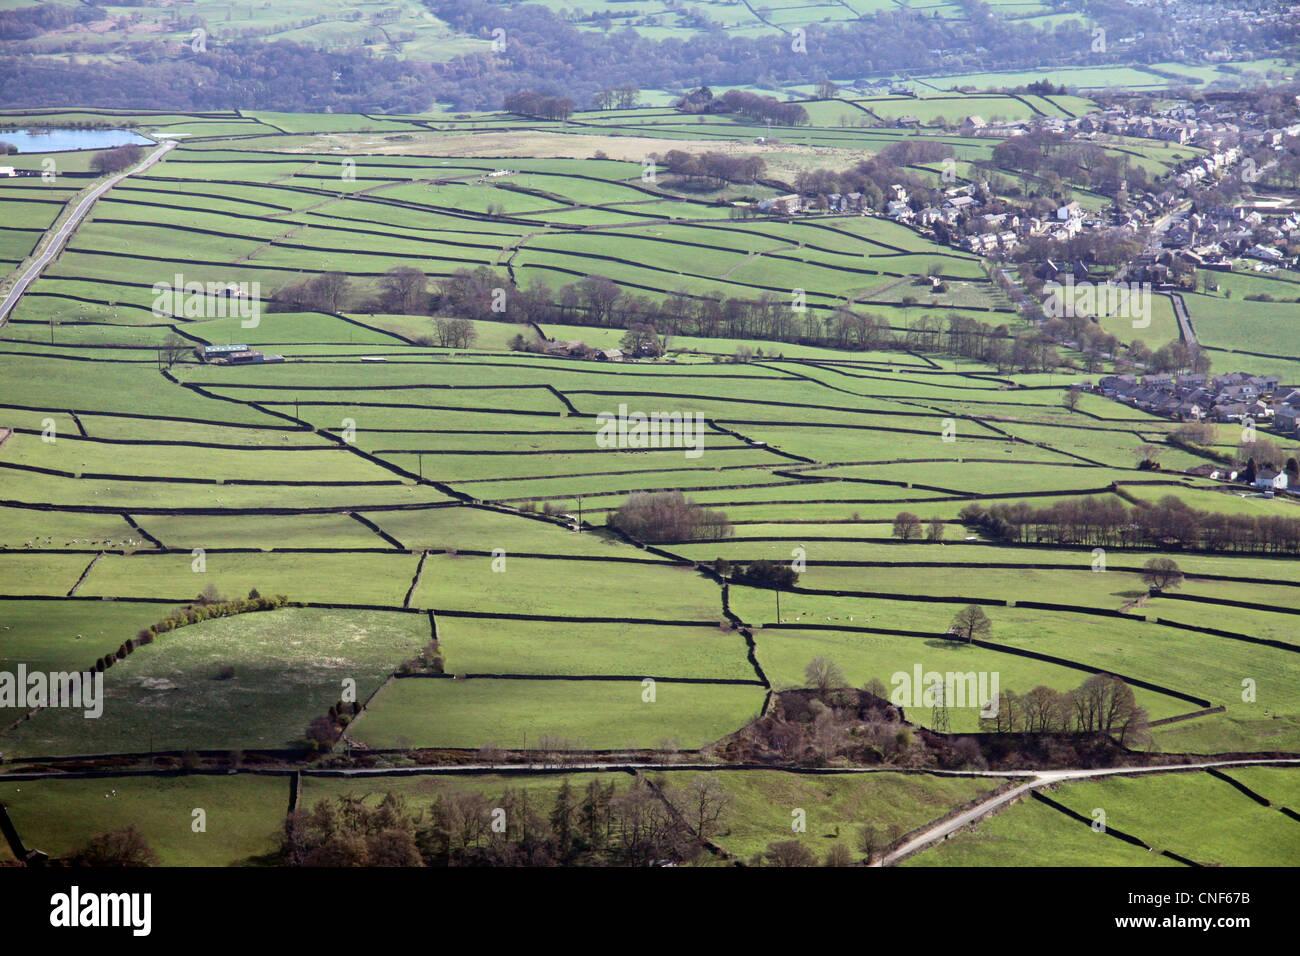 Vue aérienne du paysage rural français avec des champs délimités par des murs en pierre sèche Photo Stock